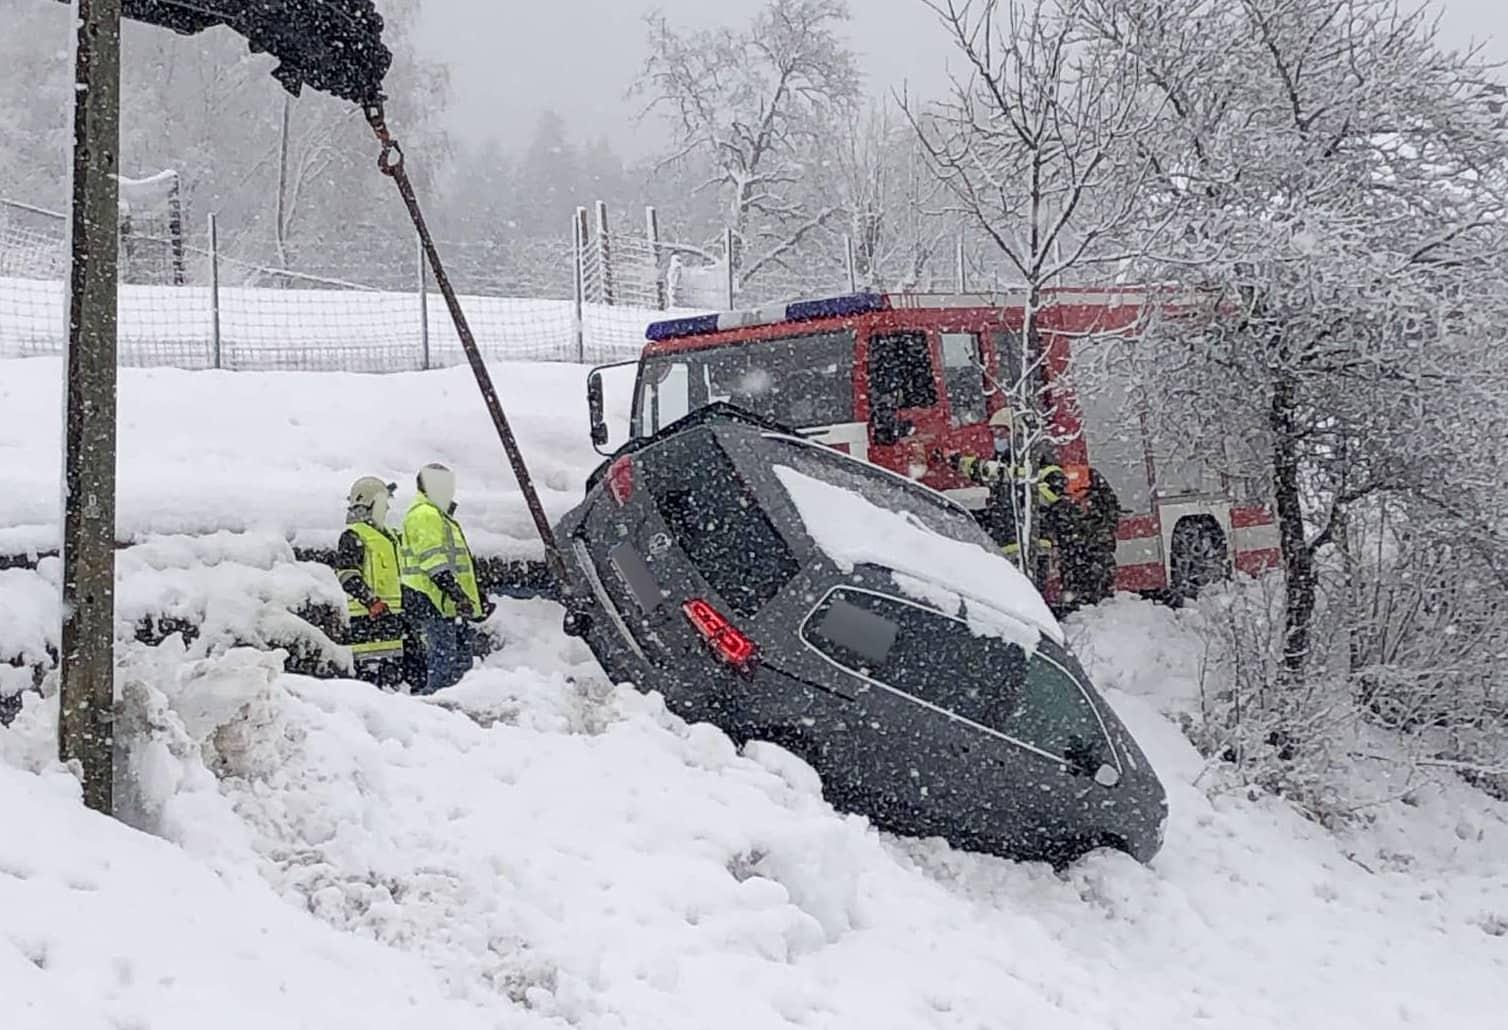 Fahrzeug am Schrott von Fahrbahn abgekommen